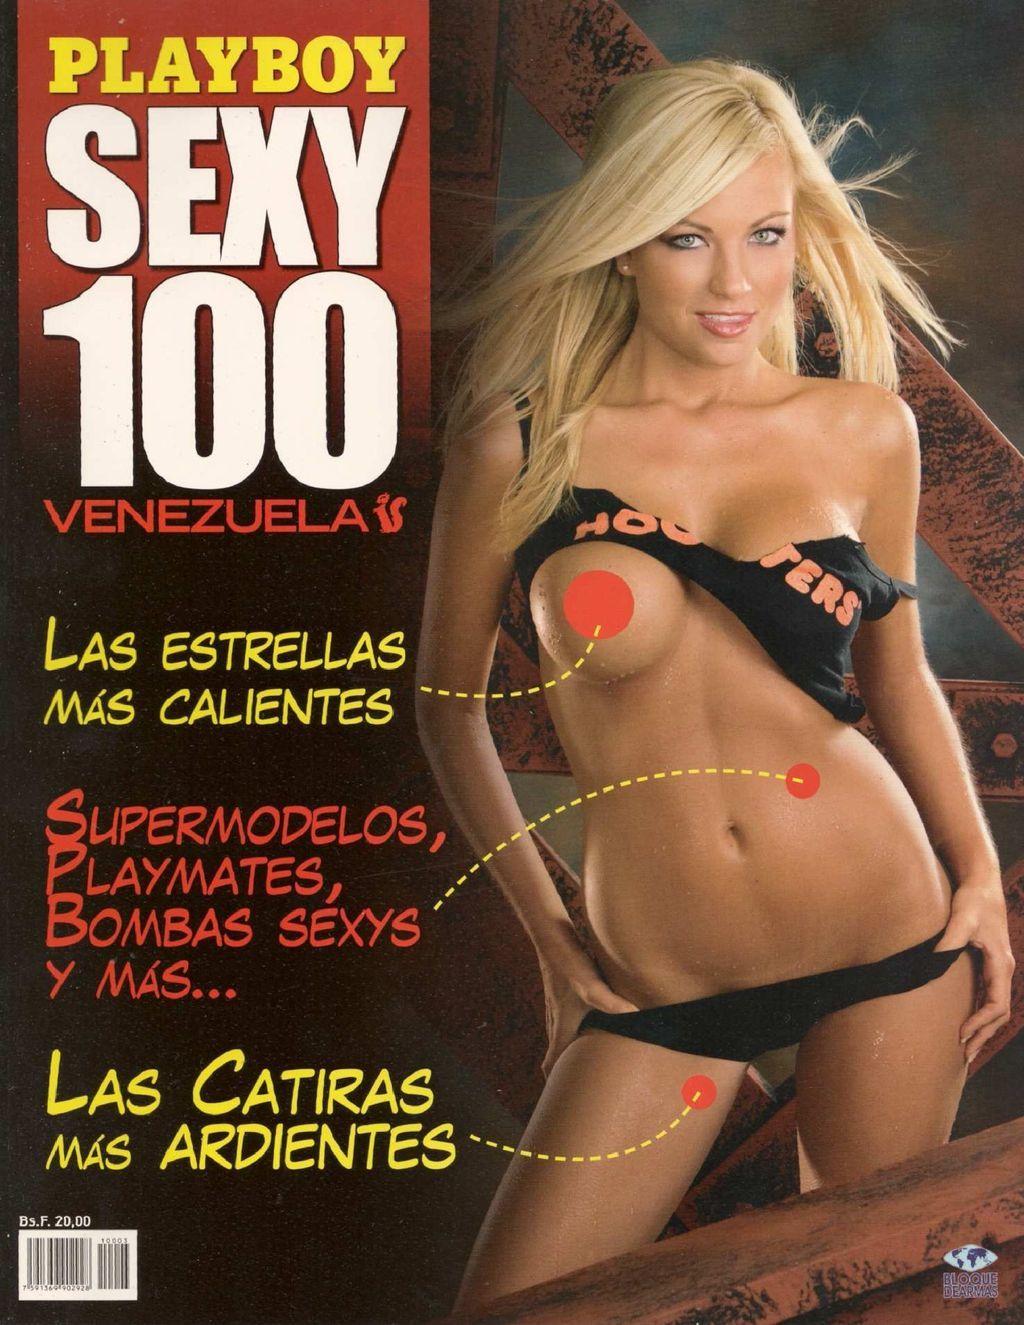 Playboy Venezuela Especial Sexy 100